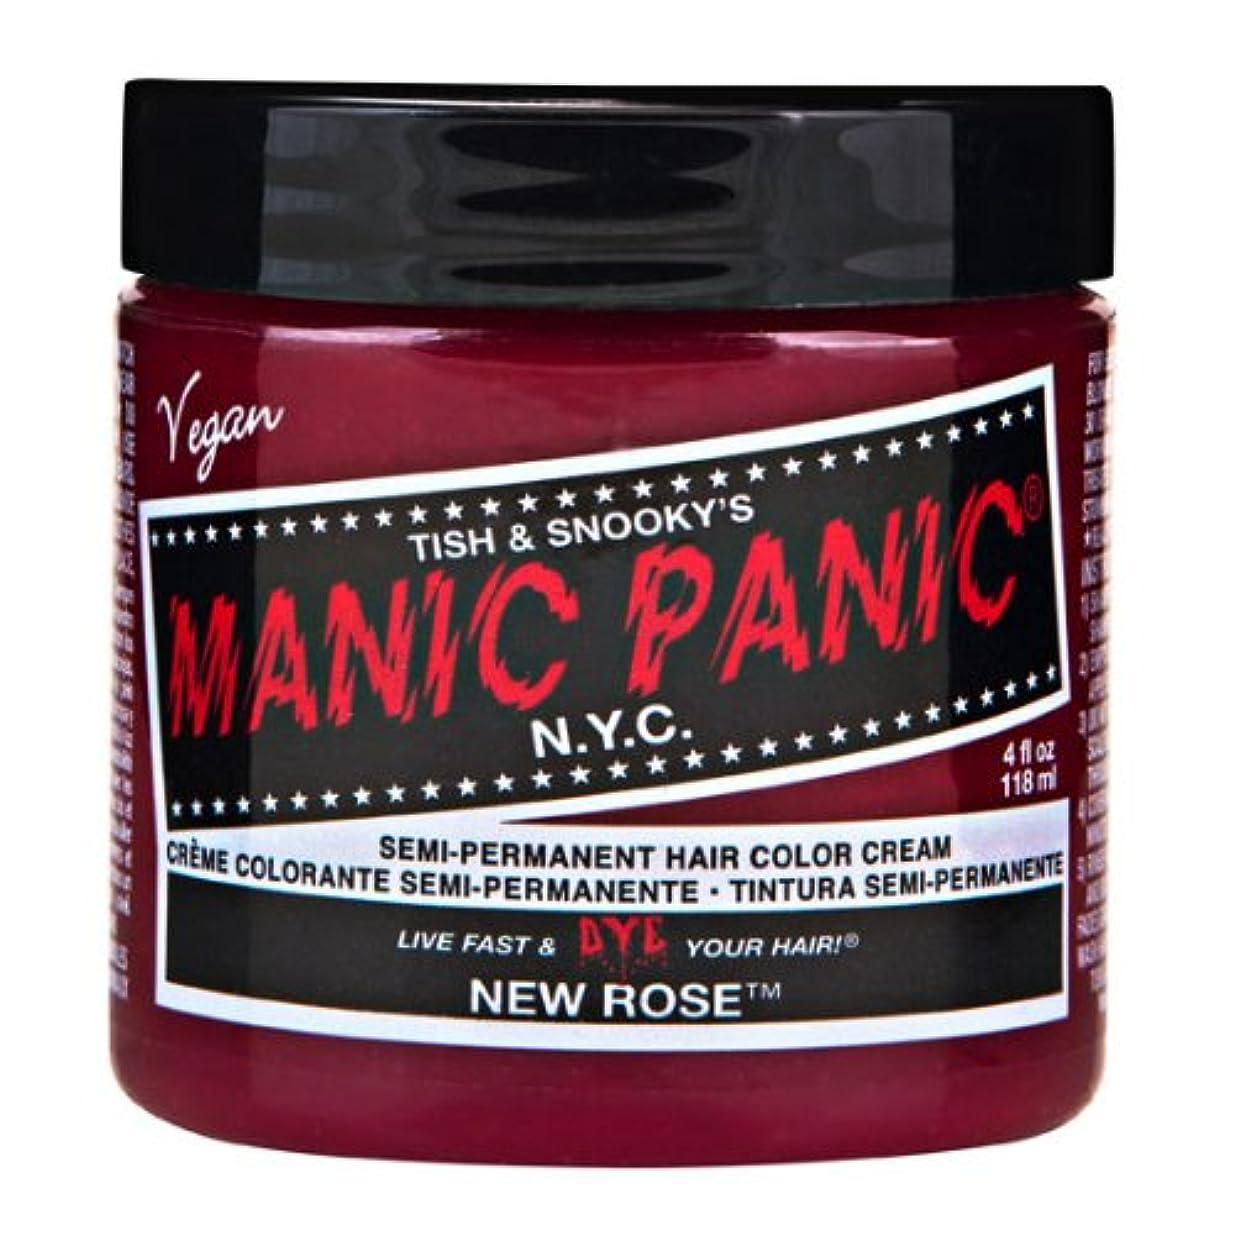 疑問に思う福祉人事スペシャルセットMANIC PANICマニックパニック:New Rose (ニューローズ)+ヘアカラーケア4点セット